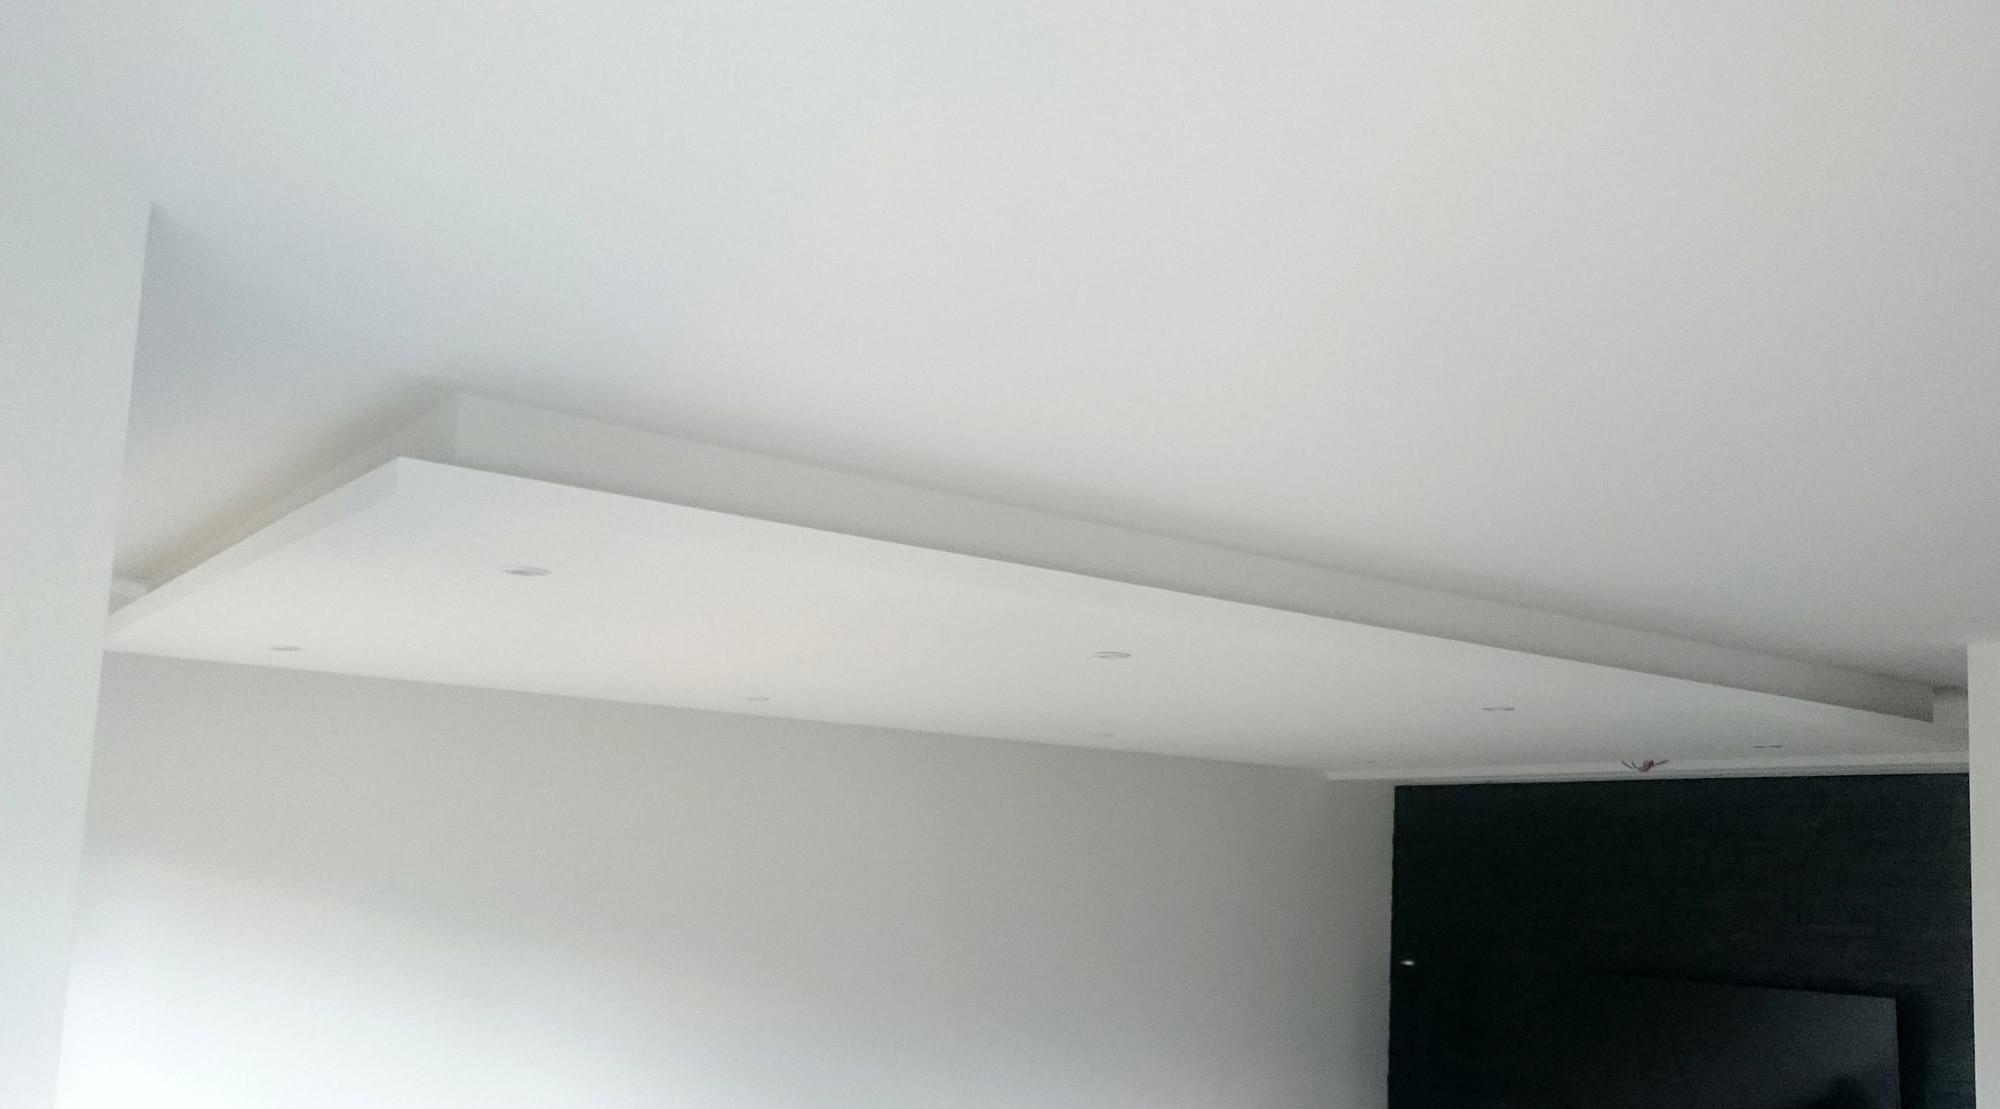 Full Size of Abgehngte Decke Mit Indirekter Beleuchtung Lichtvouten Bett Kopfteil Selber Machen Velux Fenster Einbauen Küche Planen Moderne Deckenleuchte Wohnzimmer Bad Wohnzimmer Deckenleuchte Selber Bauen